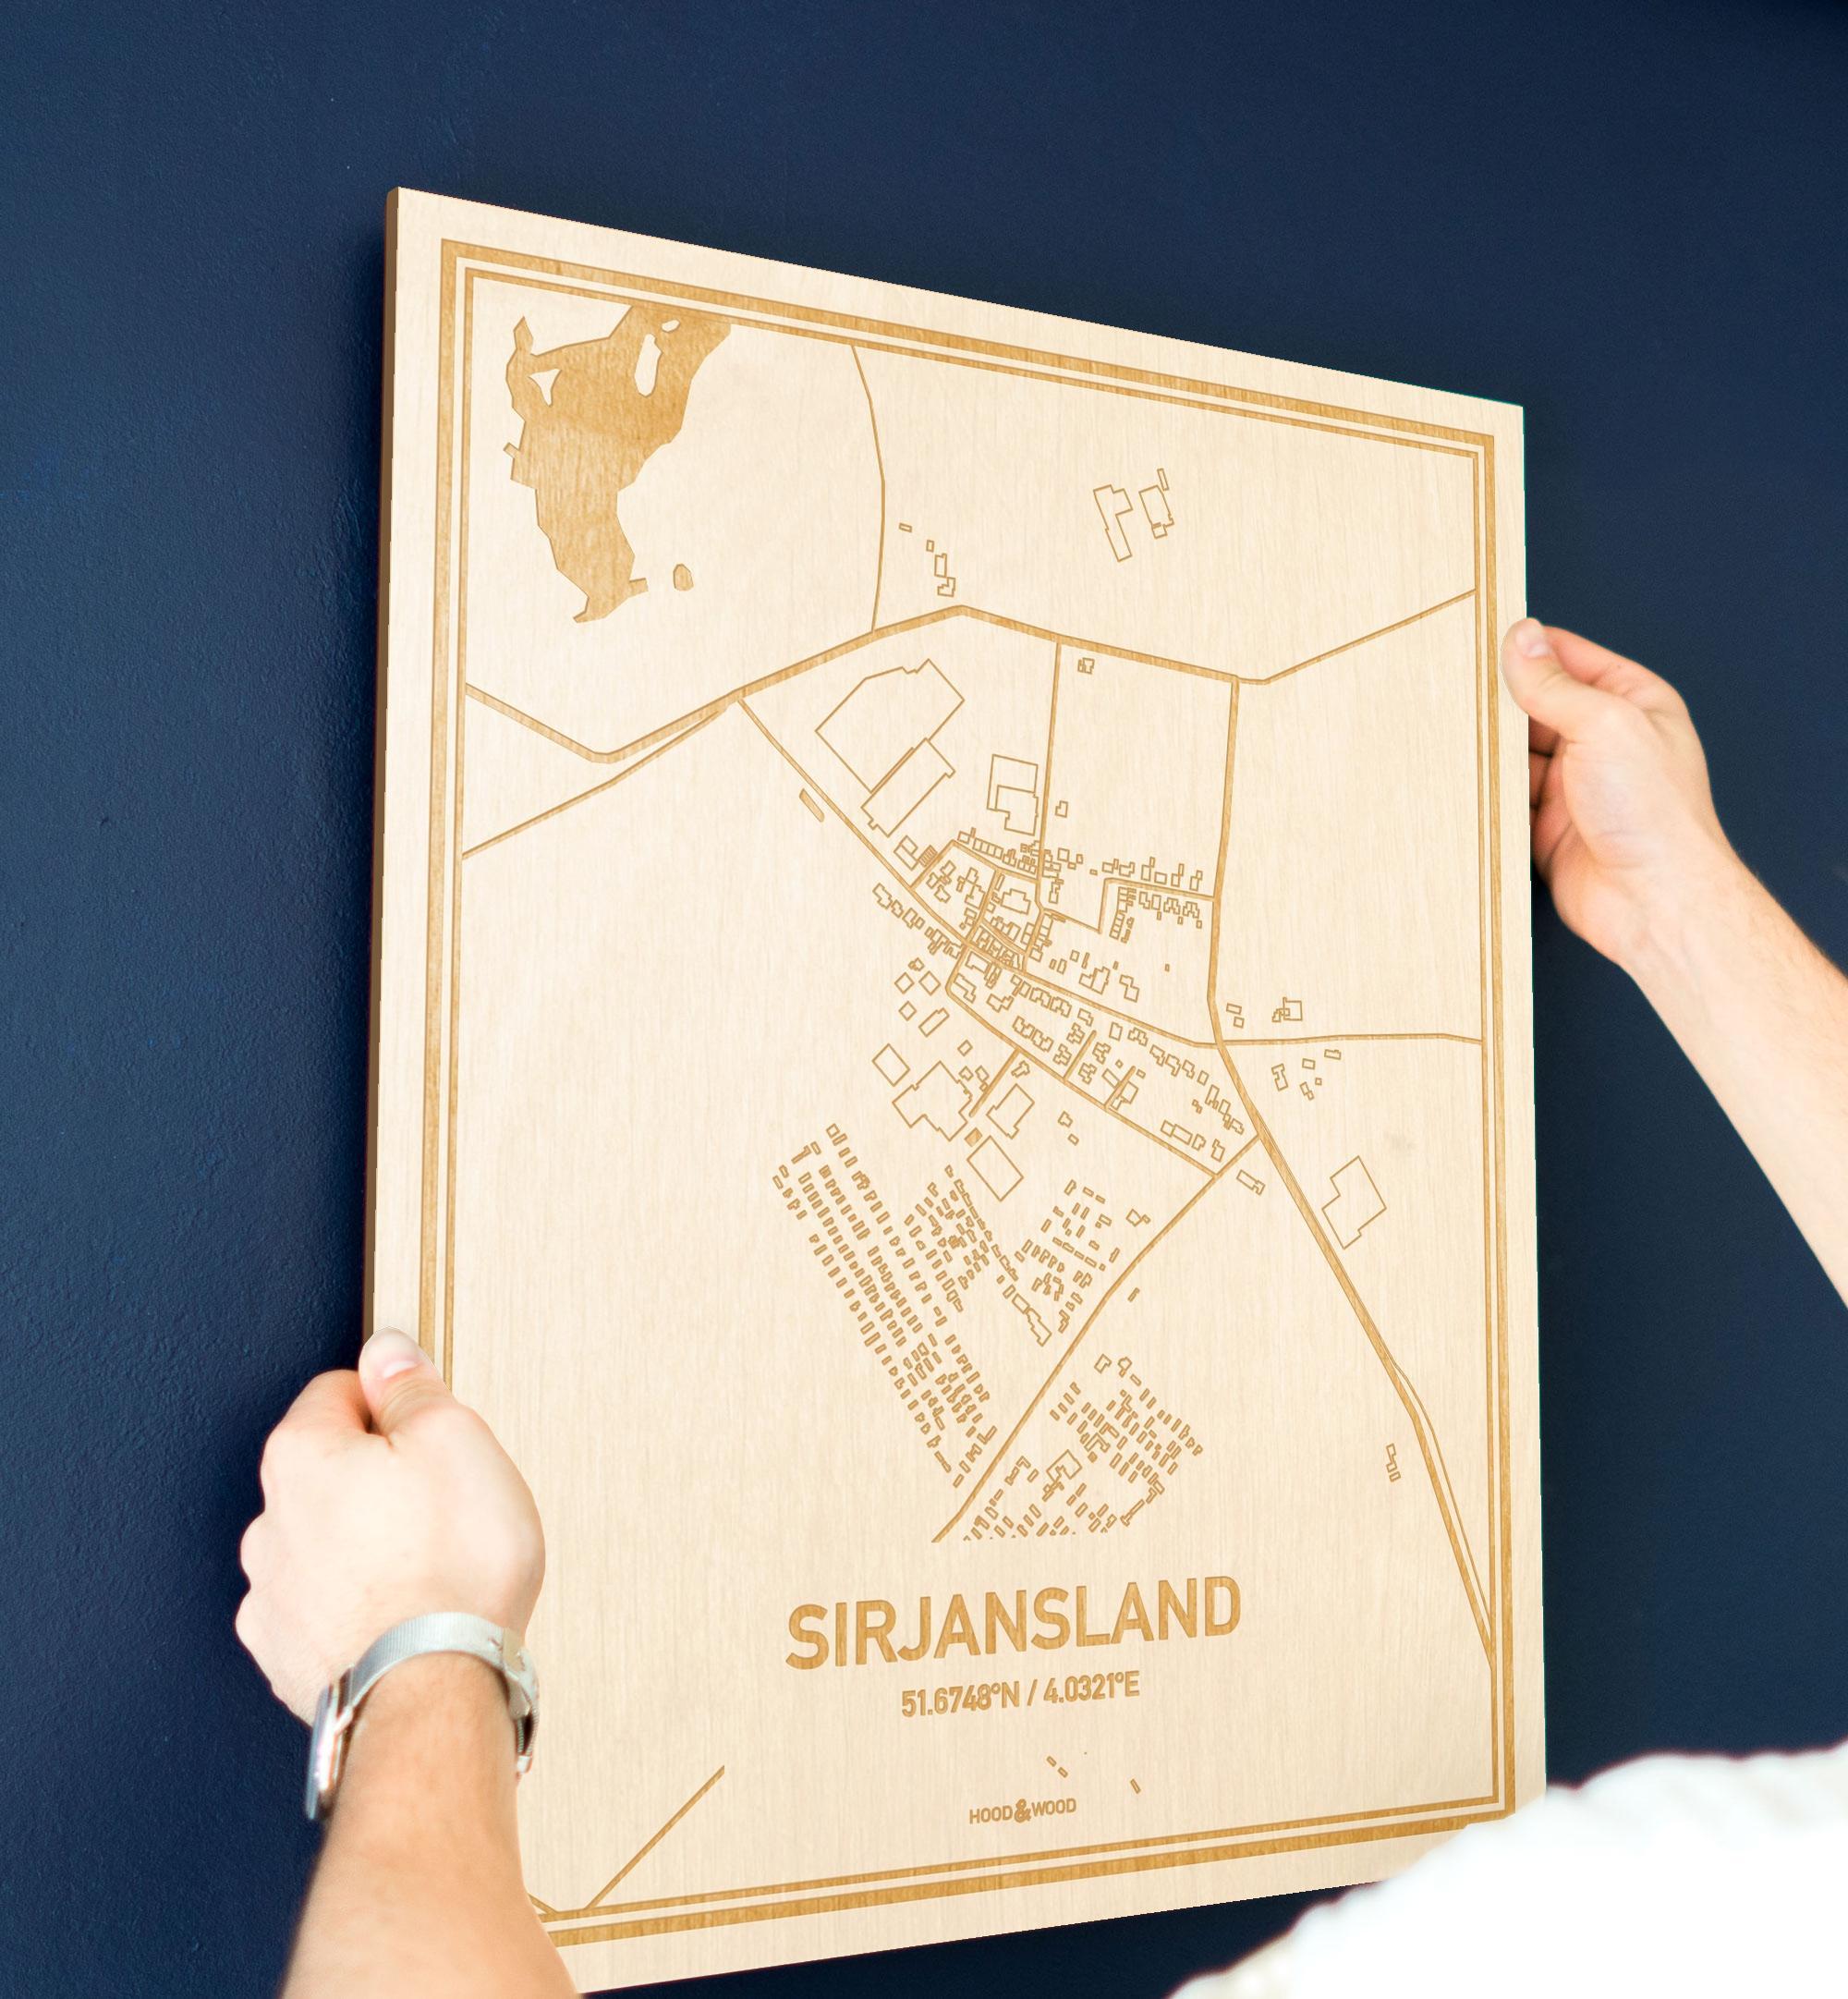 Een man hangt de houten plattegrond Sirjansland aan zijn blauwe muur ter decoratie. Je ziet alleen zijn handen de kaart van deze verrassende in Zeeland vasthouden.